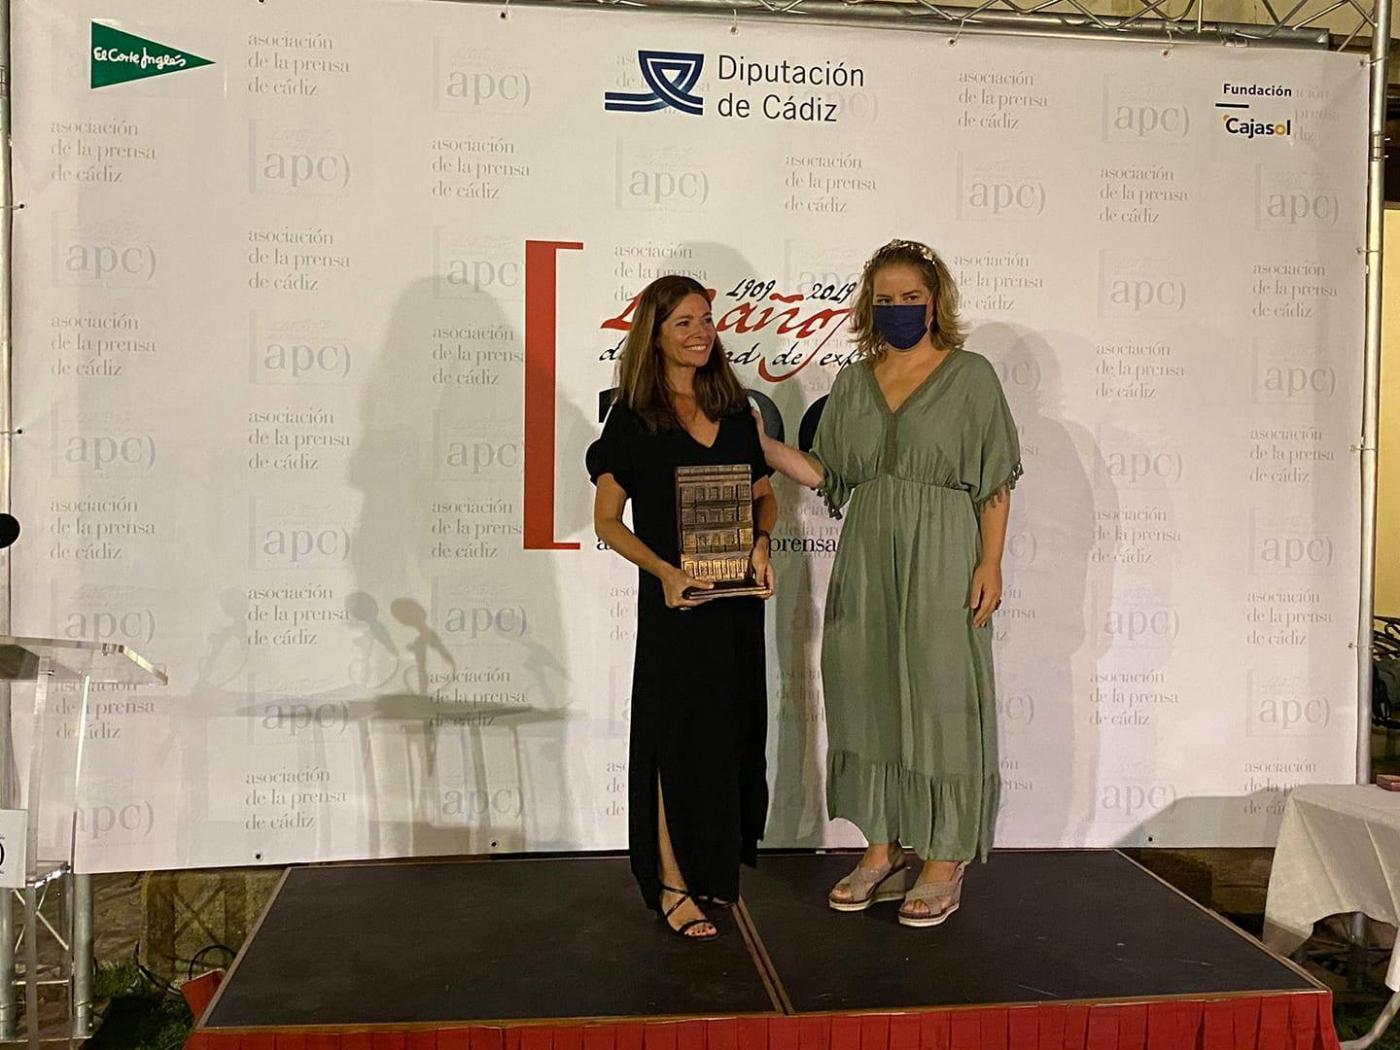 La periodista Ana Huguet y su programa